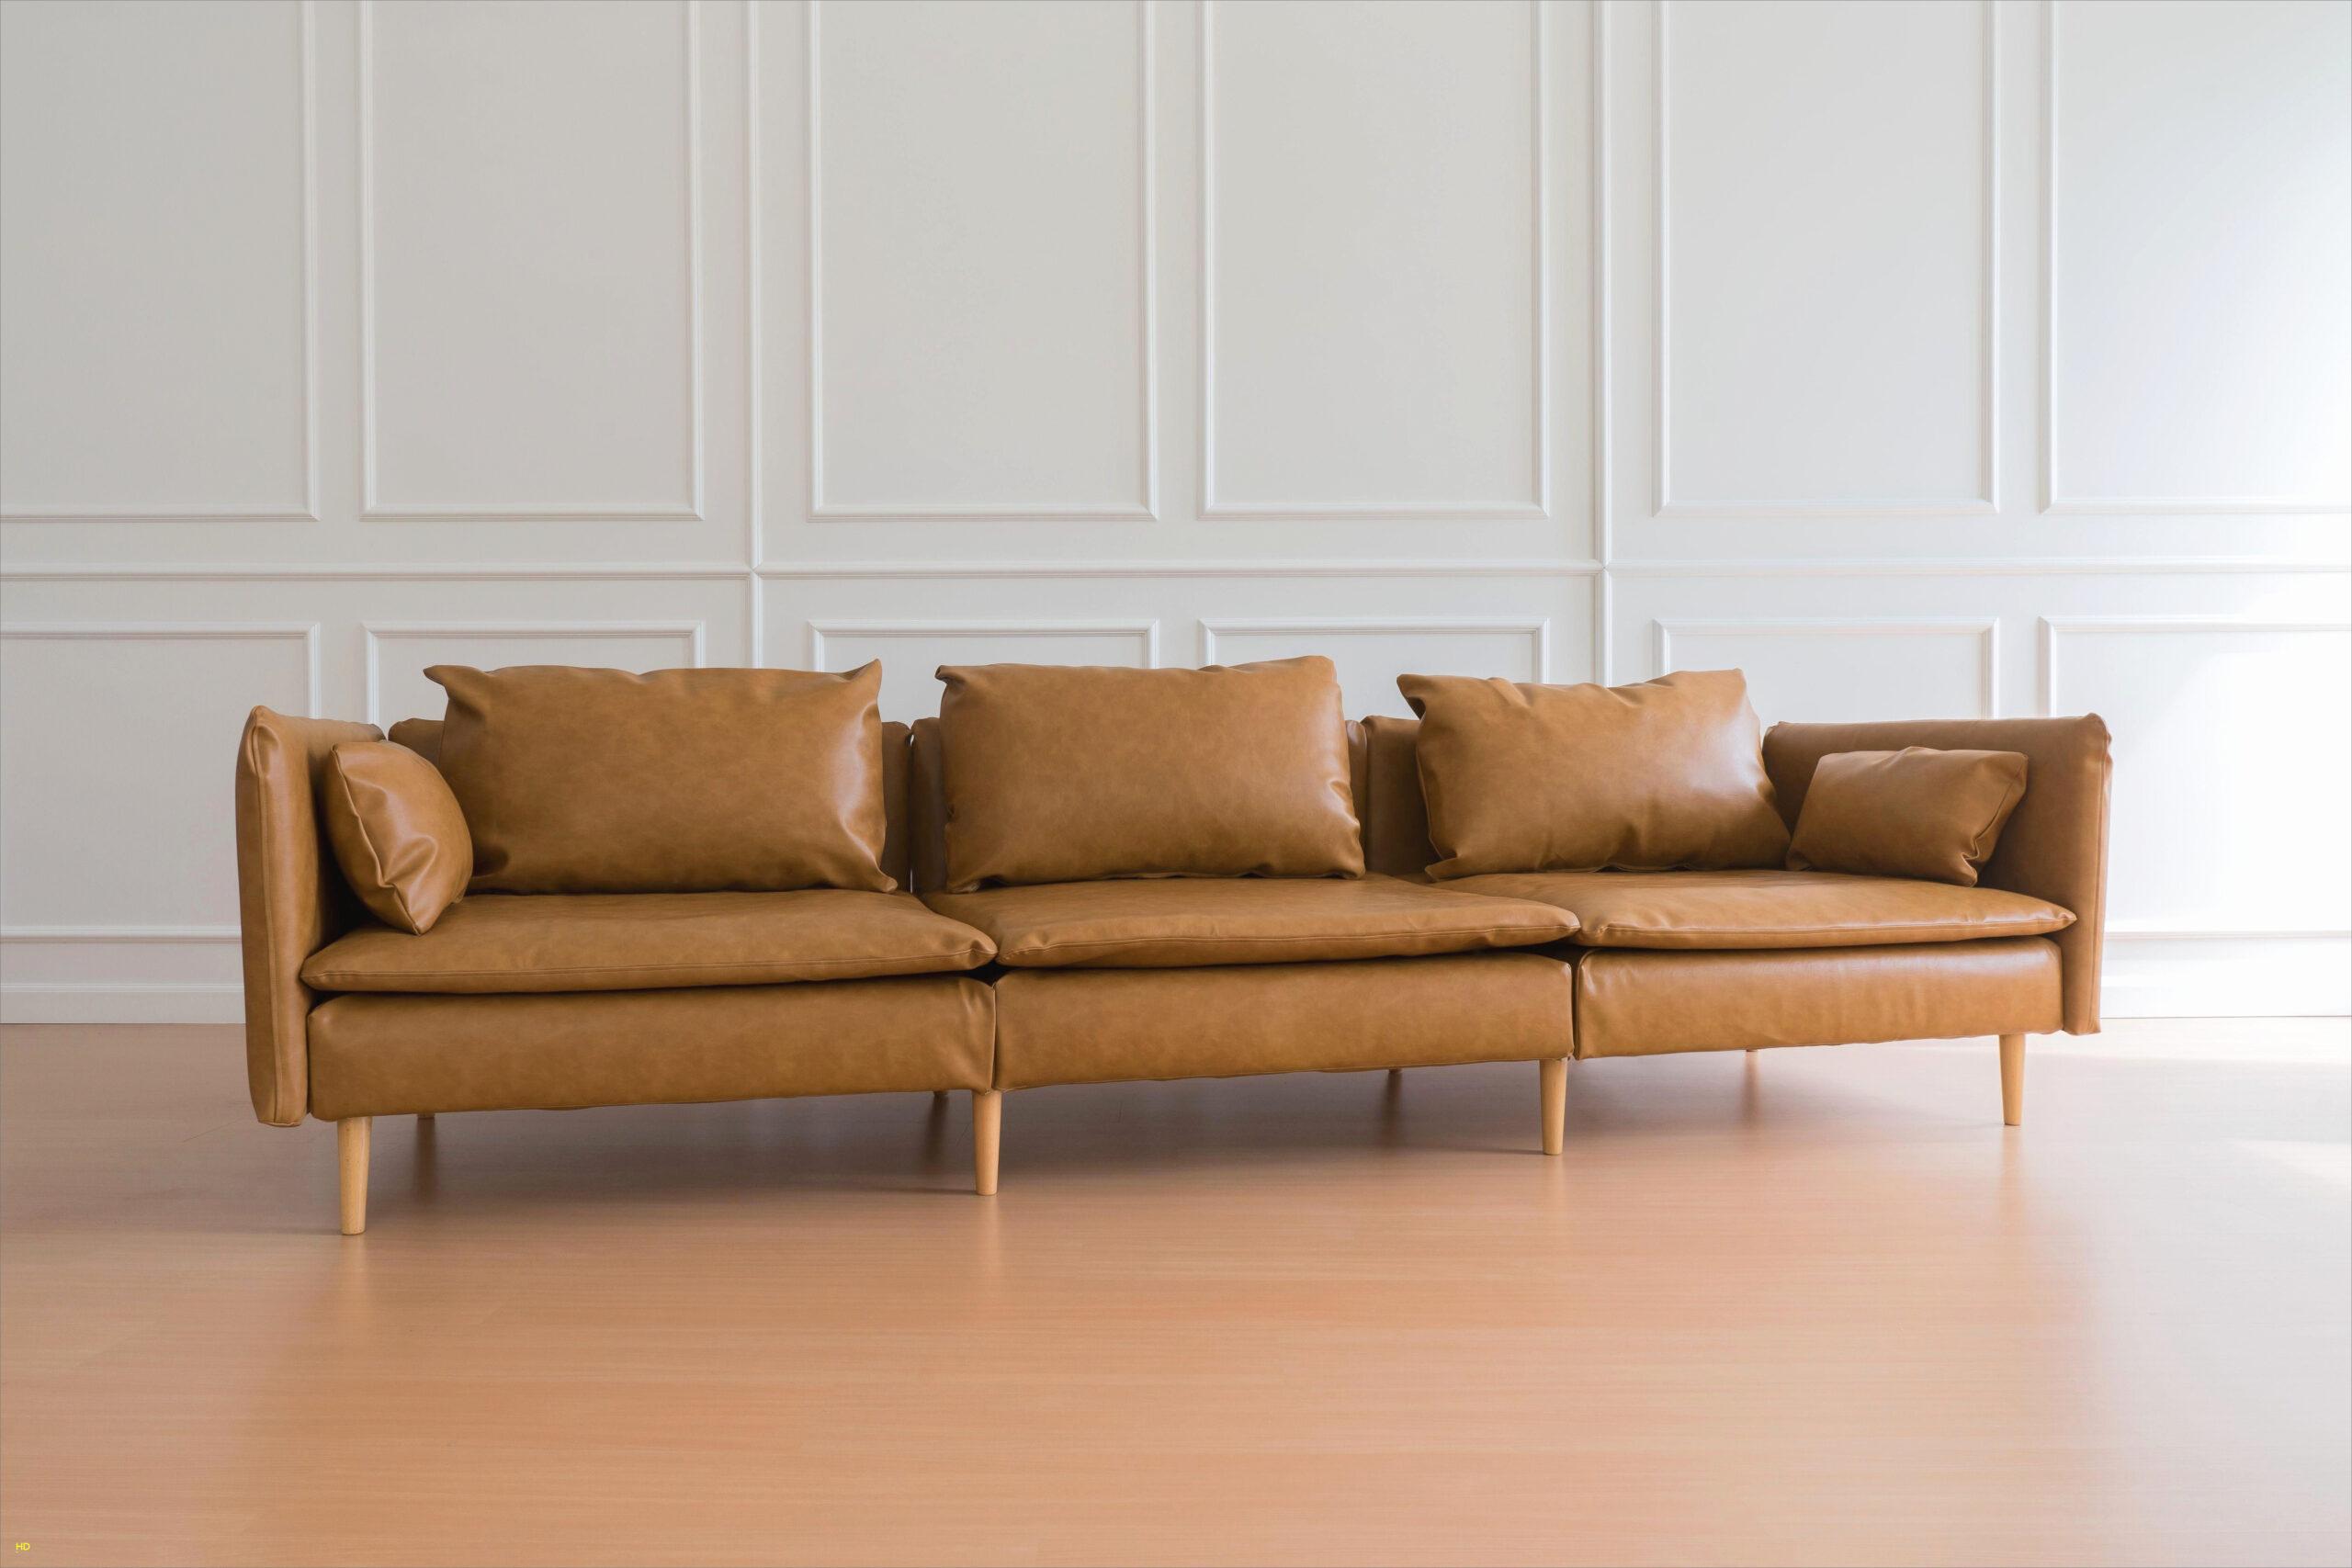 Full Size of Esszimmer Couch Ikea Grau Sofa 3 Sitzer Sofabank Leder Vintage Samt 28 Genial Bild Von Tische Mit Bettkasten Kissen Hussen Modernes Stoff Erpo Benz Echtleder Sofa Esszimmer Sofa